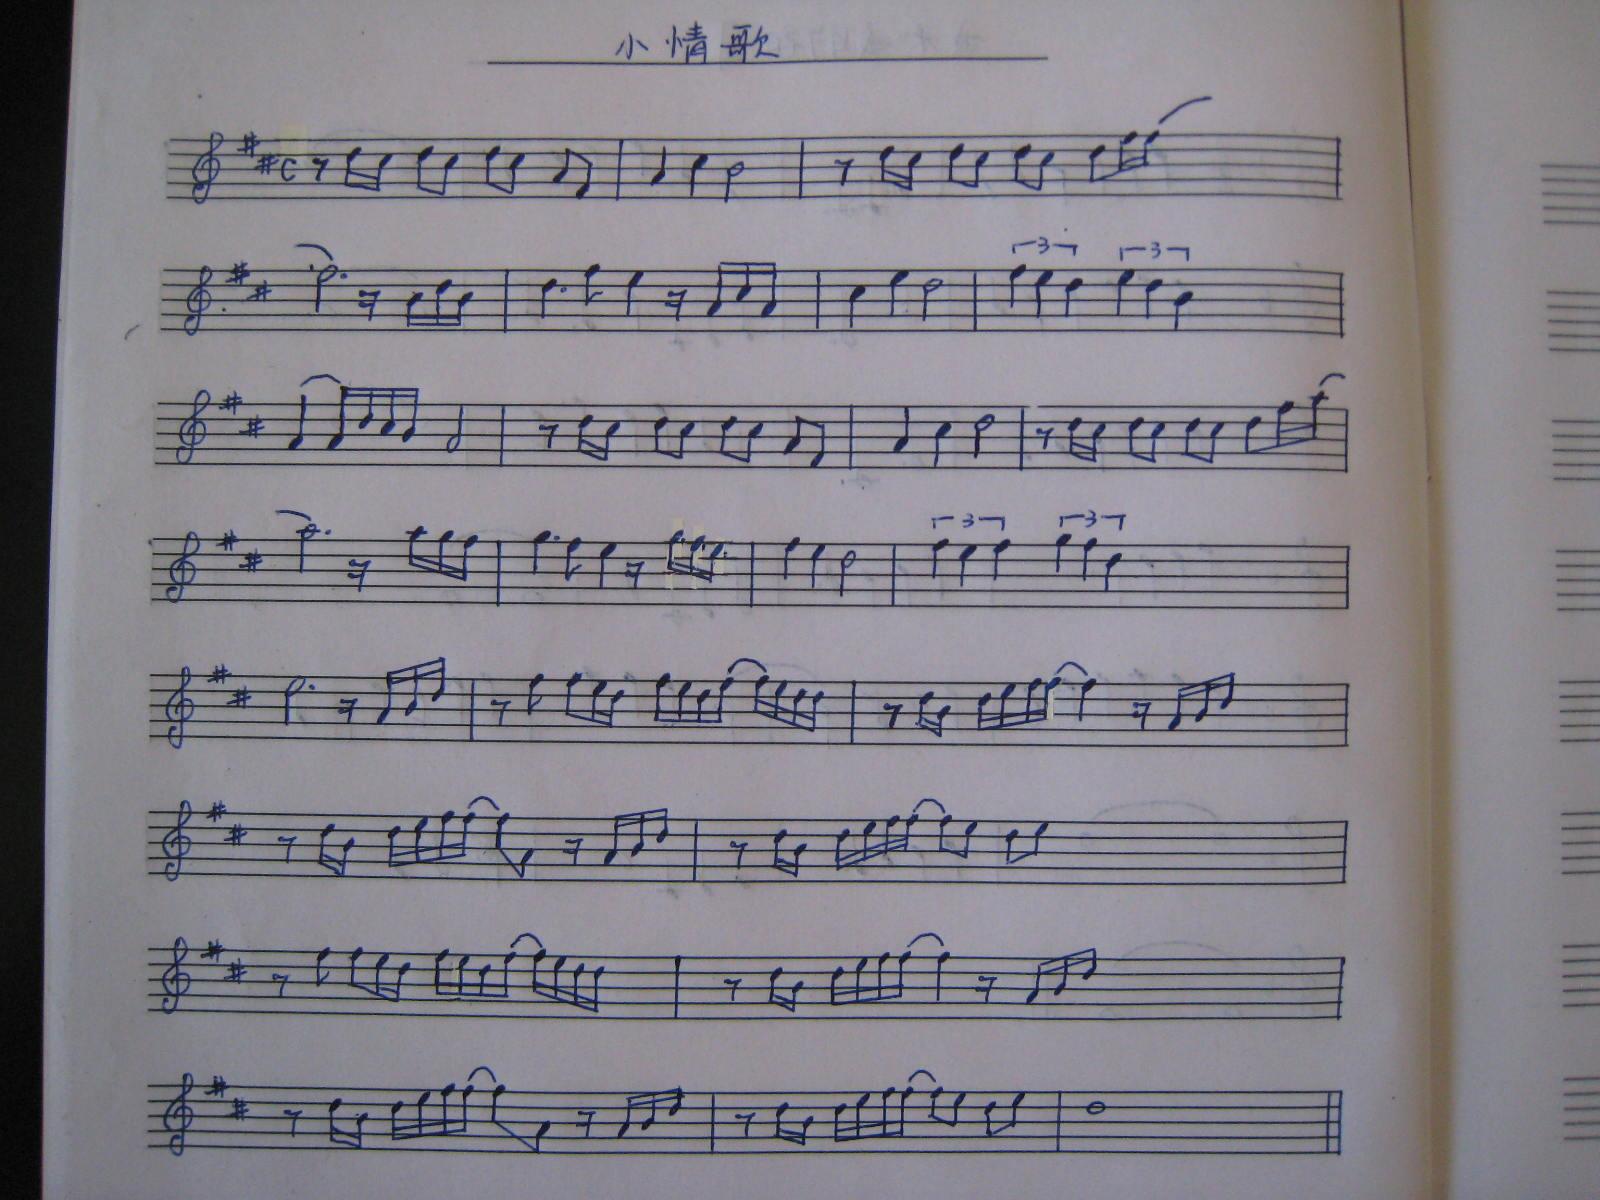 苏打绿小情歌小提琴谱